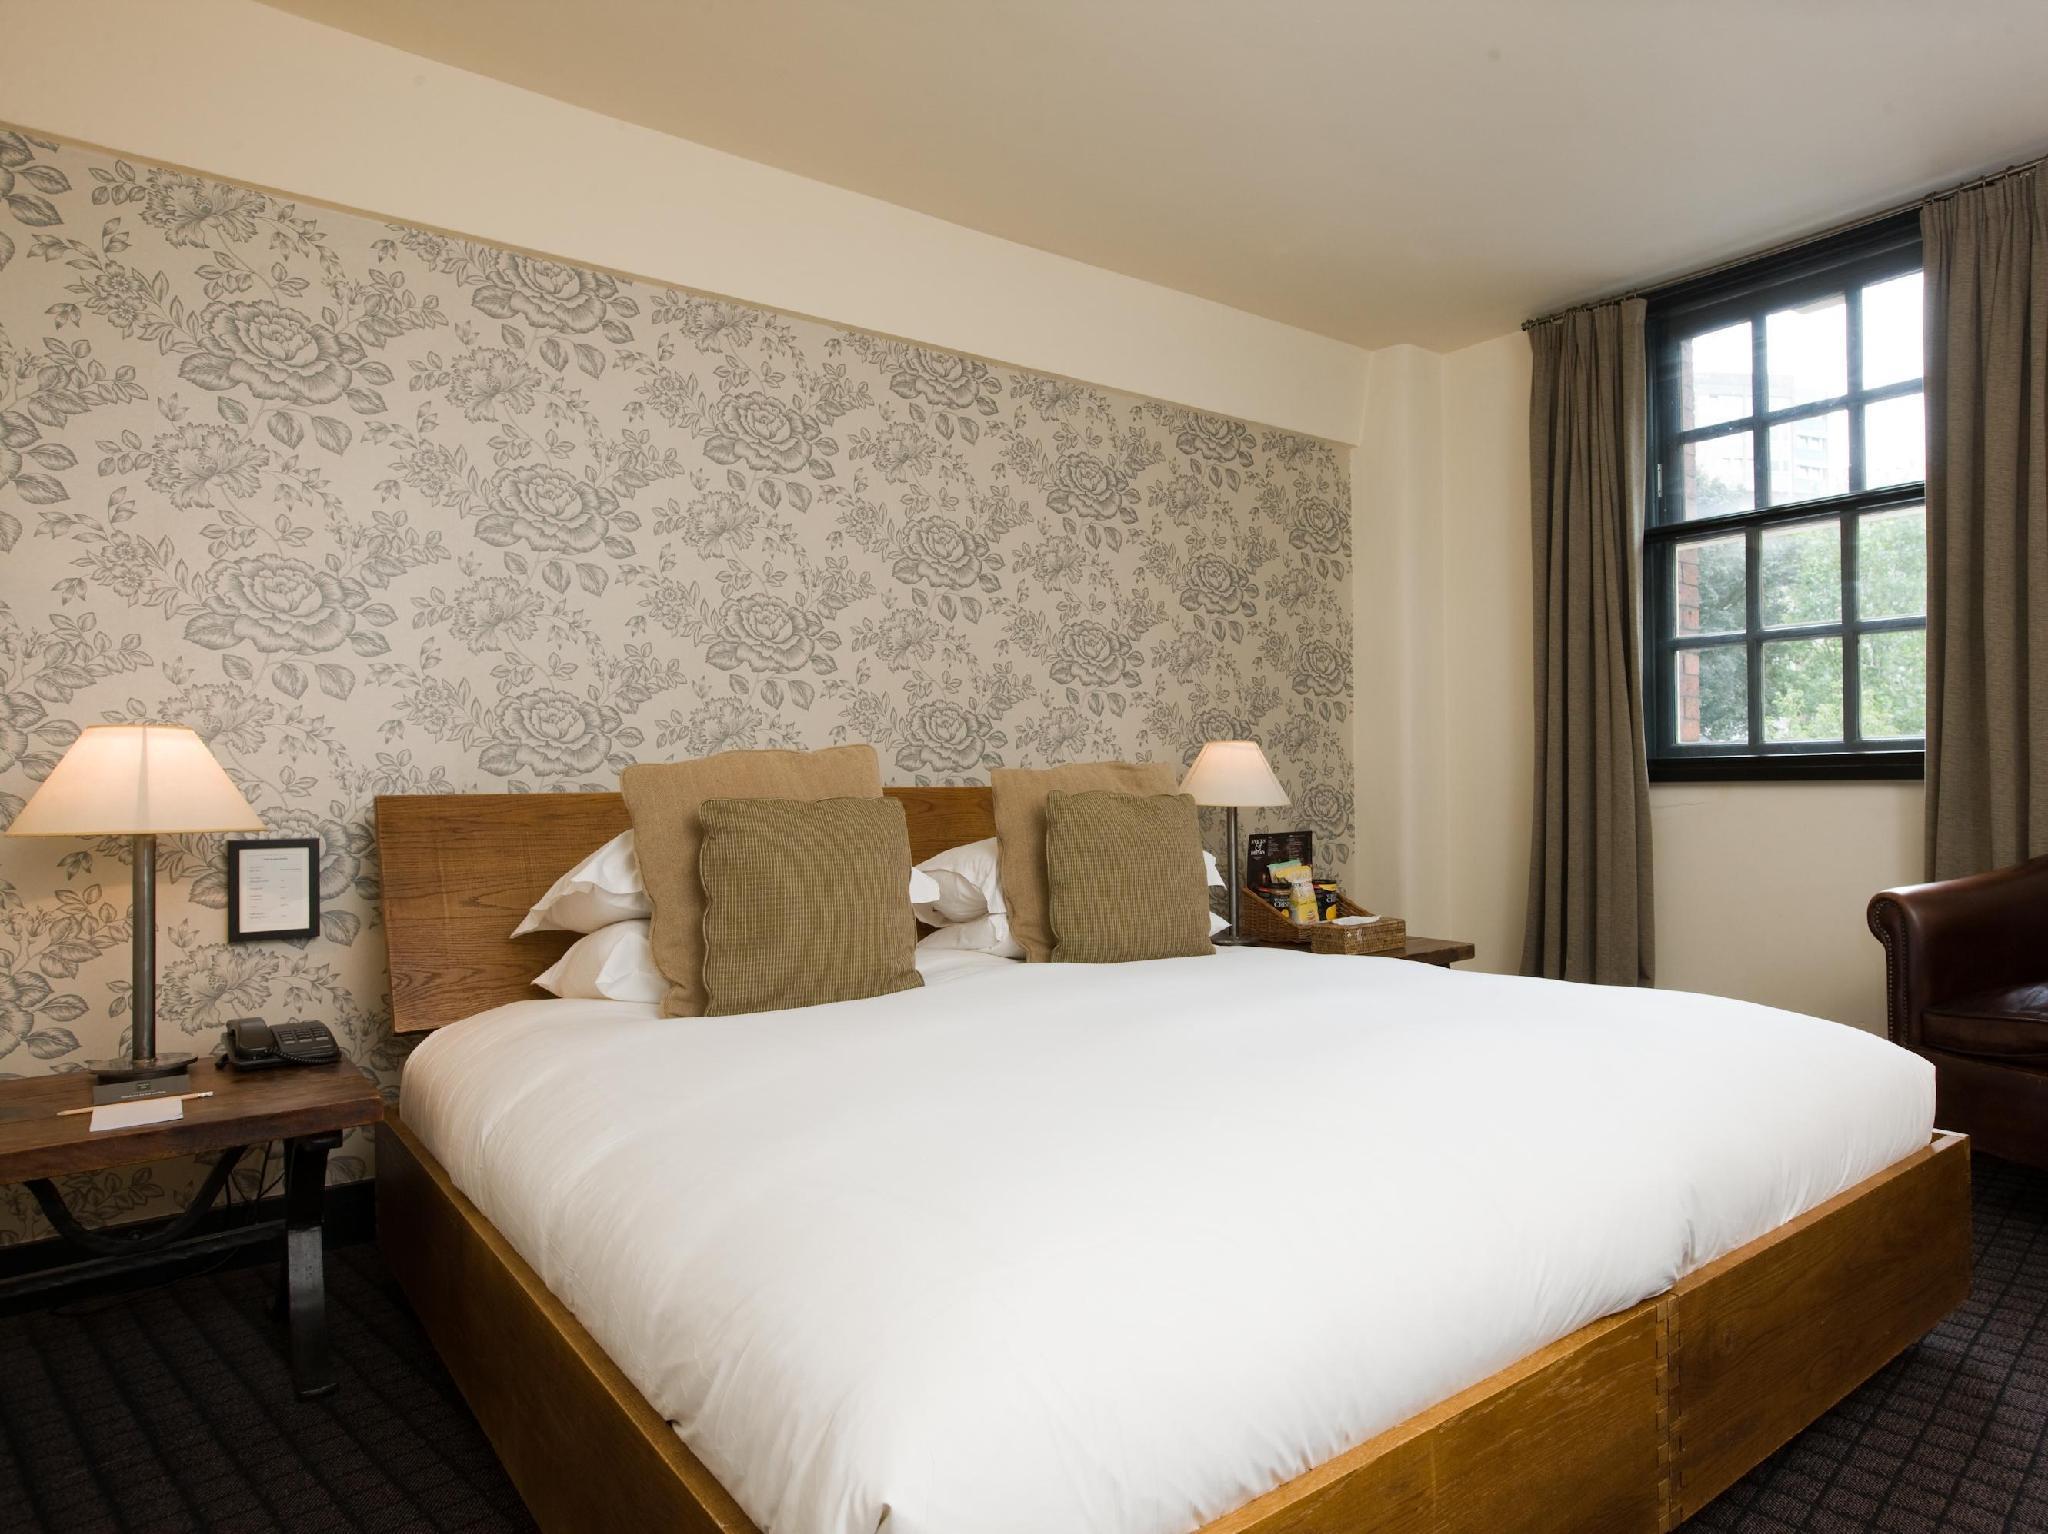 Hotel du Vin Bristol, Bristol